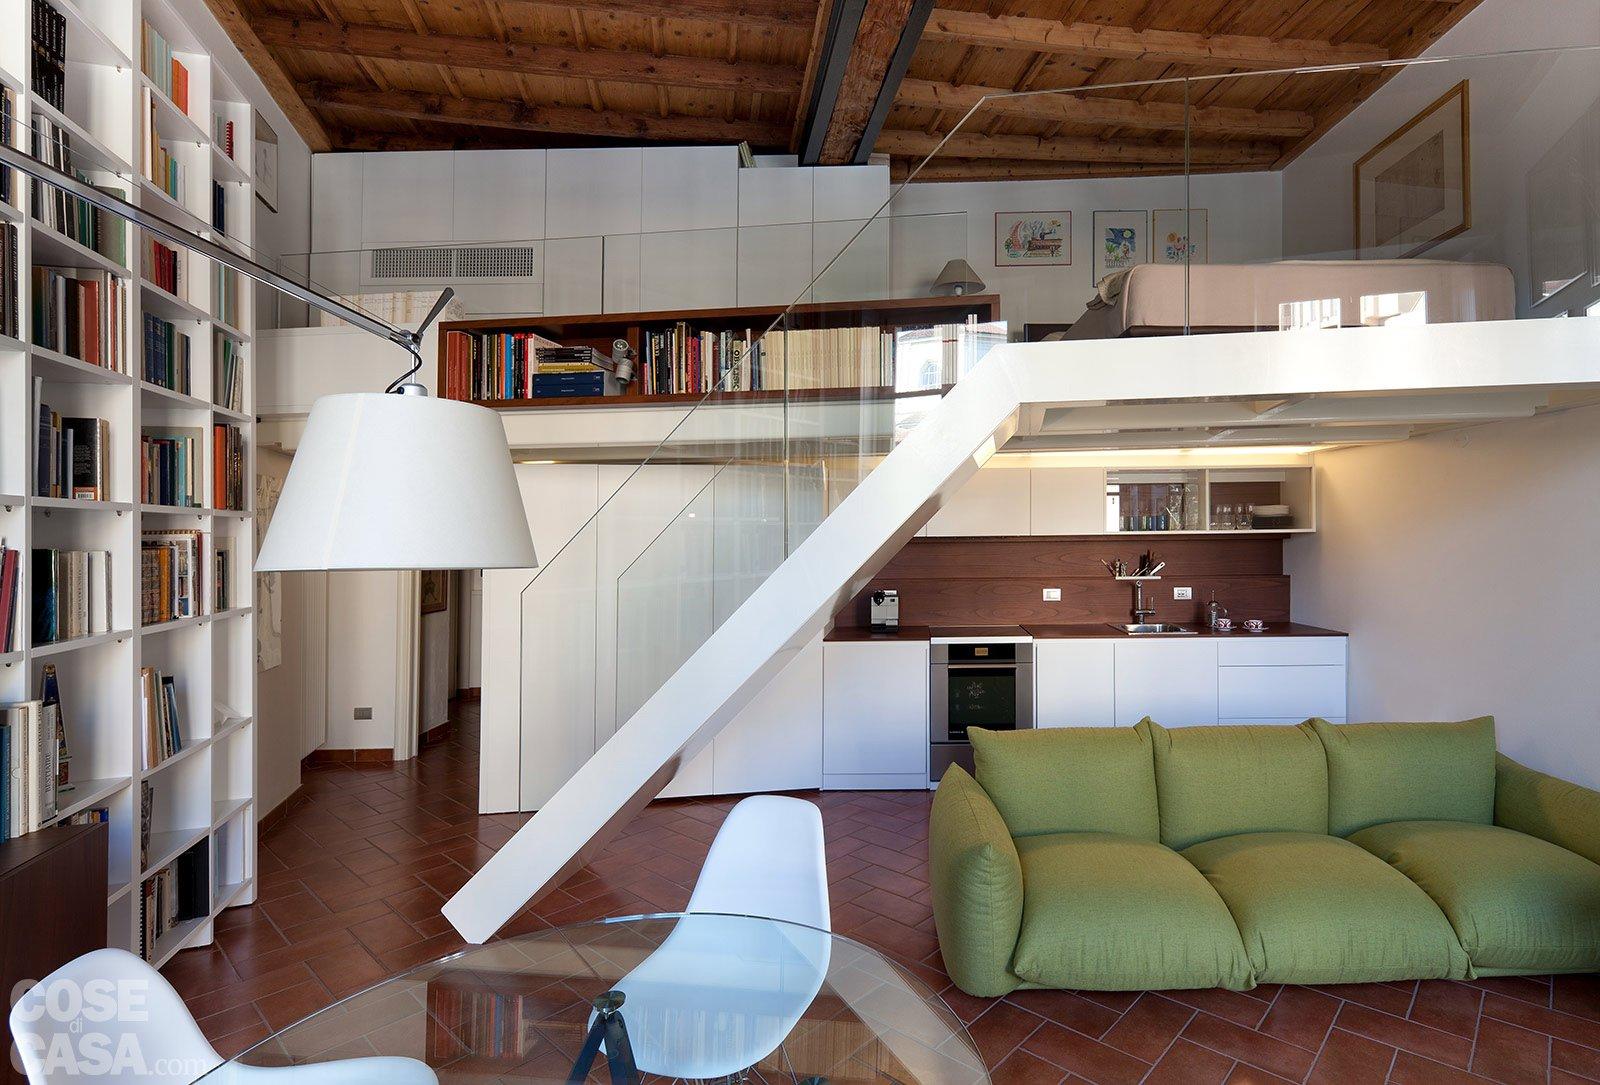 Un monolocale ampliato in altezza cose di casa for Soluzioni soggiorno